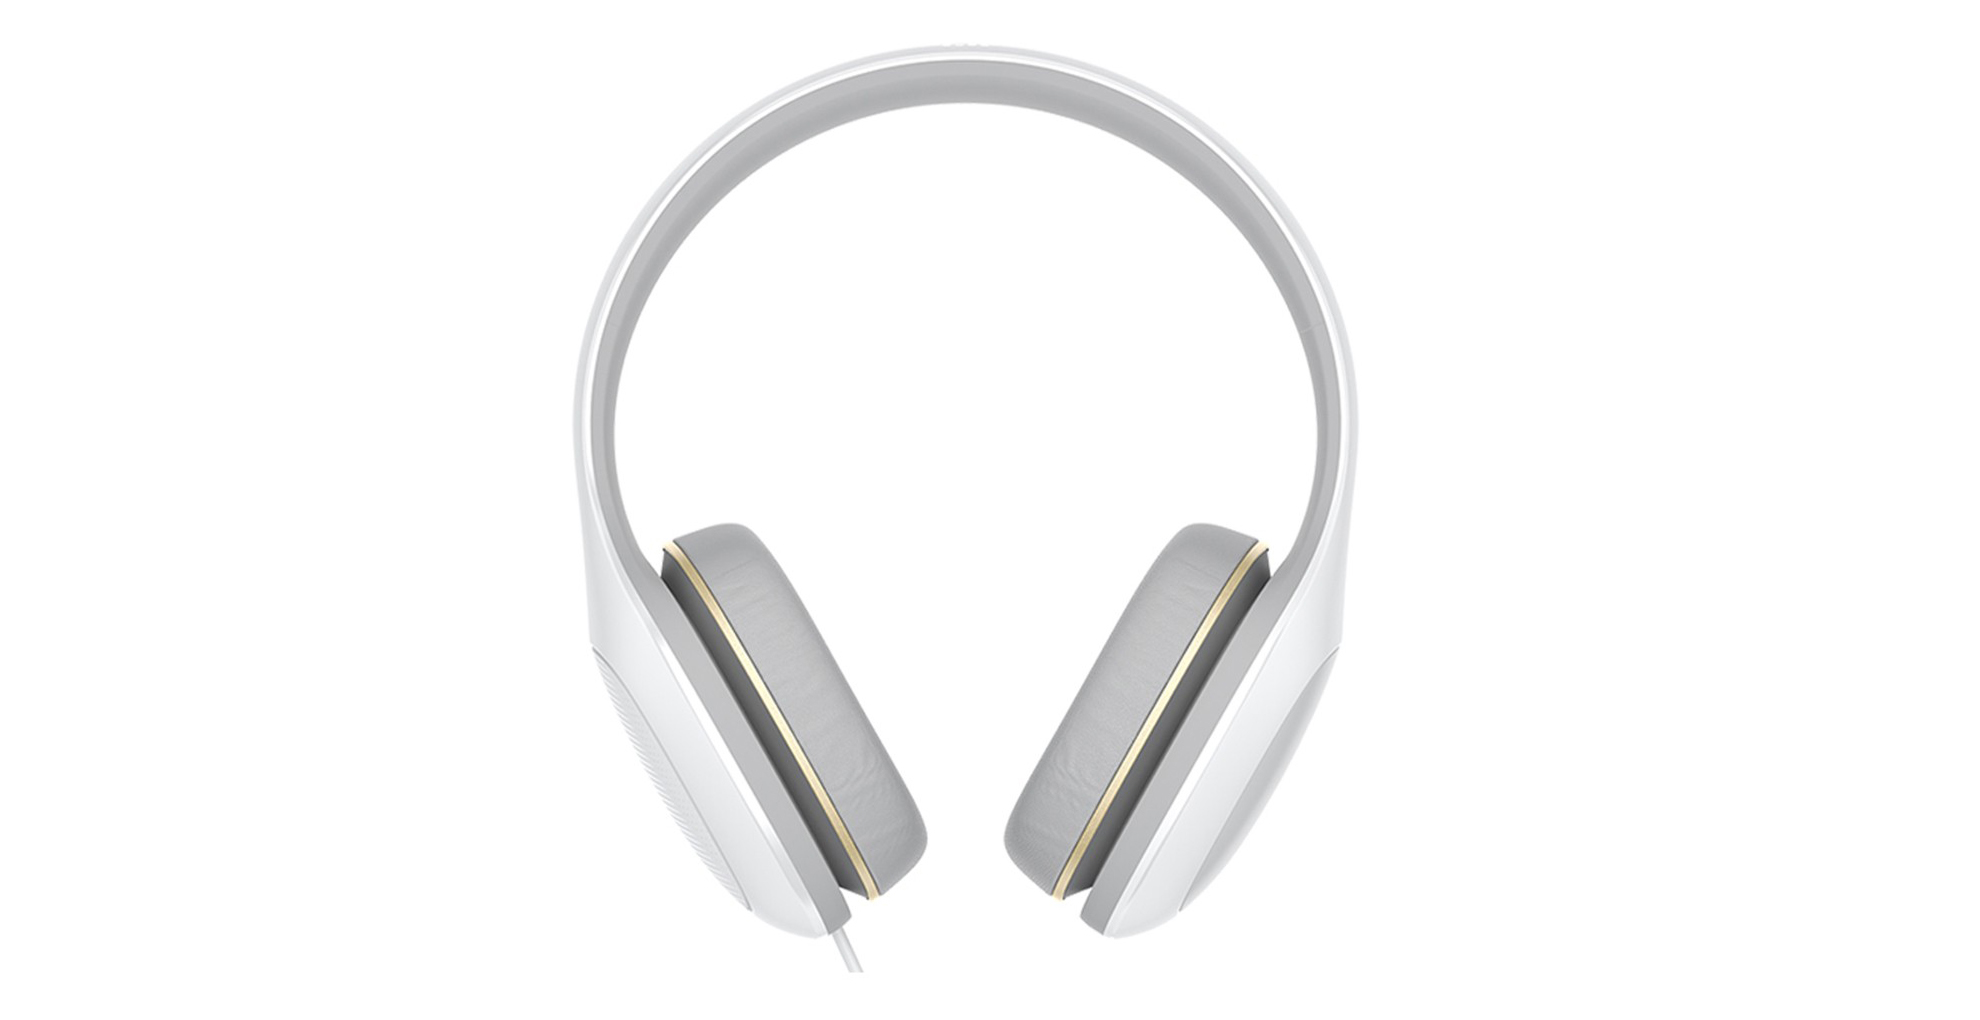 Originální Xiaomi Mi Relax sluchátka za parádní cenu! [sponzorovaný článek]